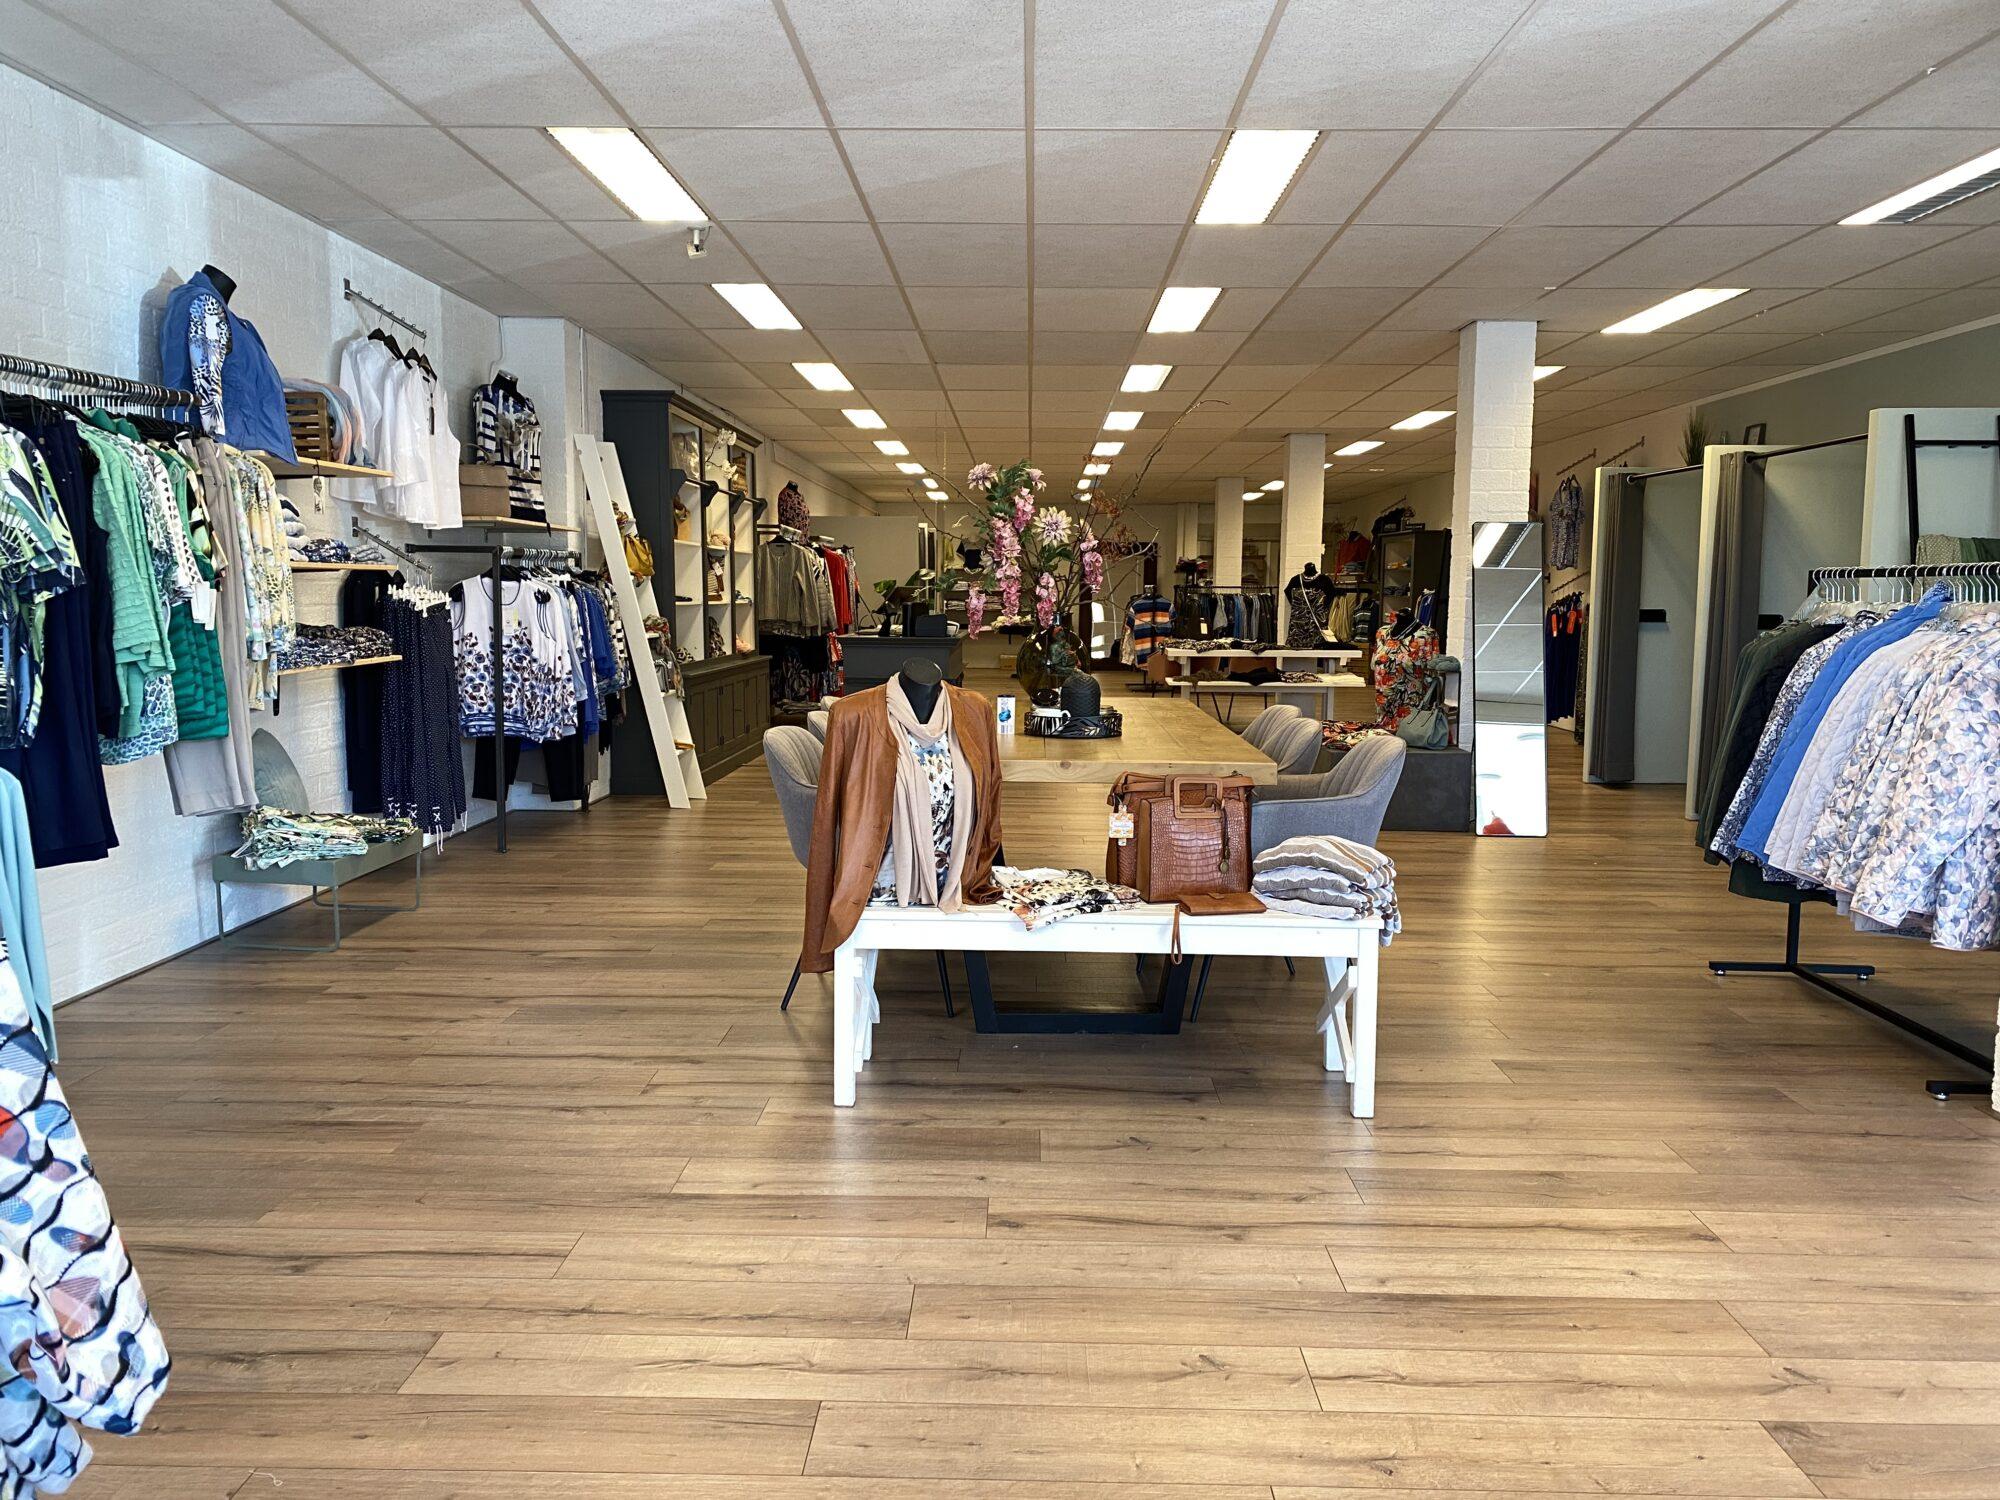 Tweede vestiging Lancomode opent de deuren in Apeldoorn